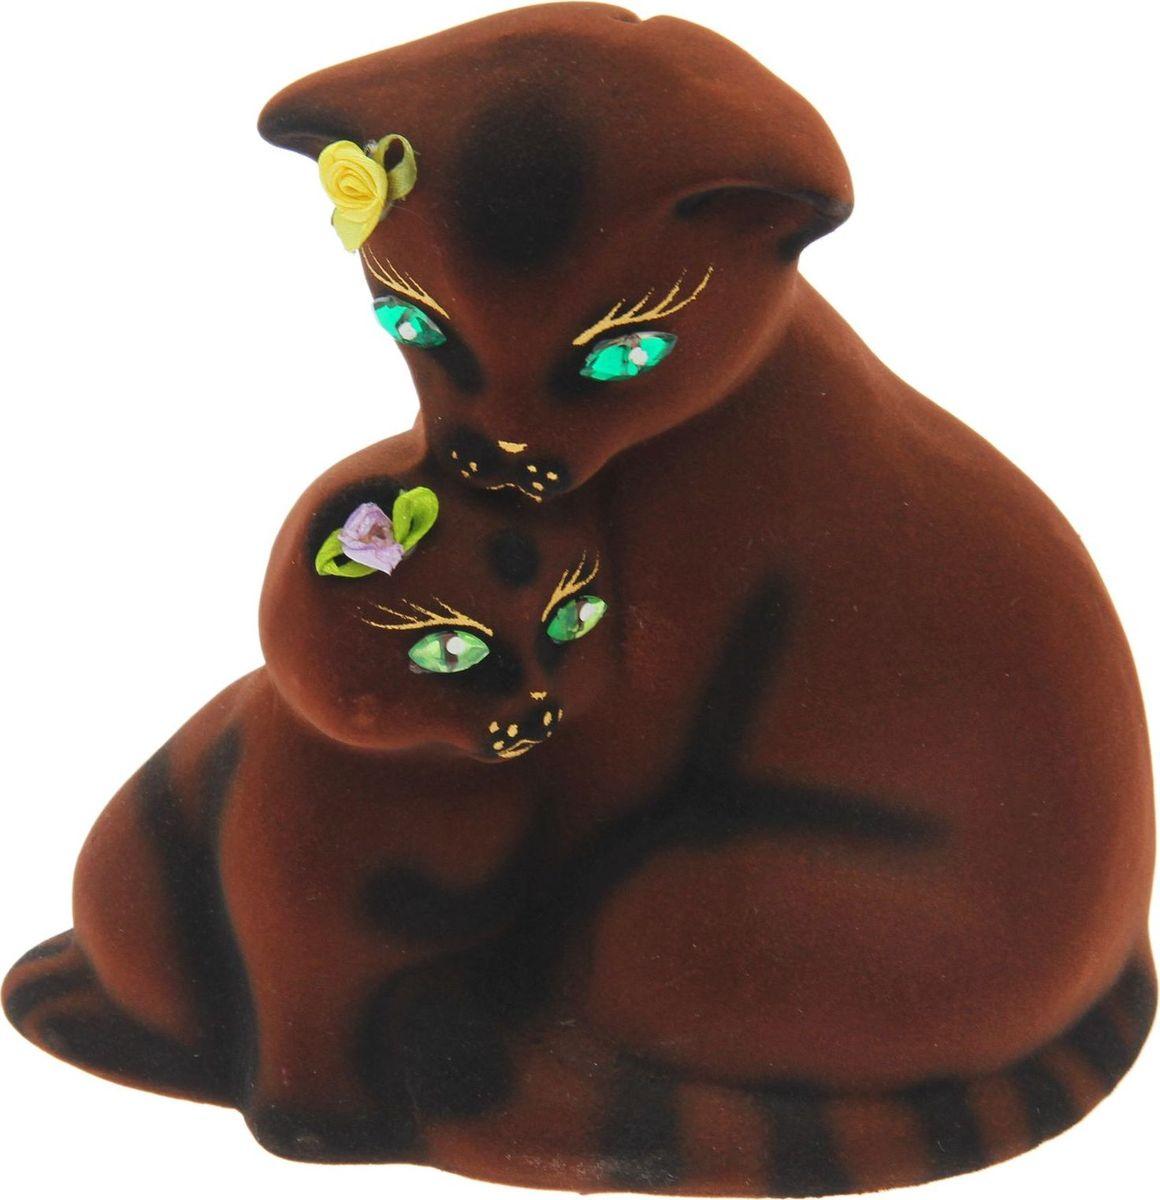 Копилка Керамика ручной работы Кошка с котенком, 7 х 16 х 16 см1557065Копилка — универсальный вариант подарка любому человеку, ведь каждый из нас мечтает о какой-то дорогостоящей вещи и откладывает или собирается откладывать деньги на её приобретение. Вместительная копилка станет прекрасным хранителем сбережений и украшением интерьера. Она выглядит так ярко и эффектно, что проходя мимо, обязательно захочется забросить пару монет. Обращаем ваше внимание, что копилка является одноразовой.